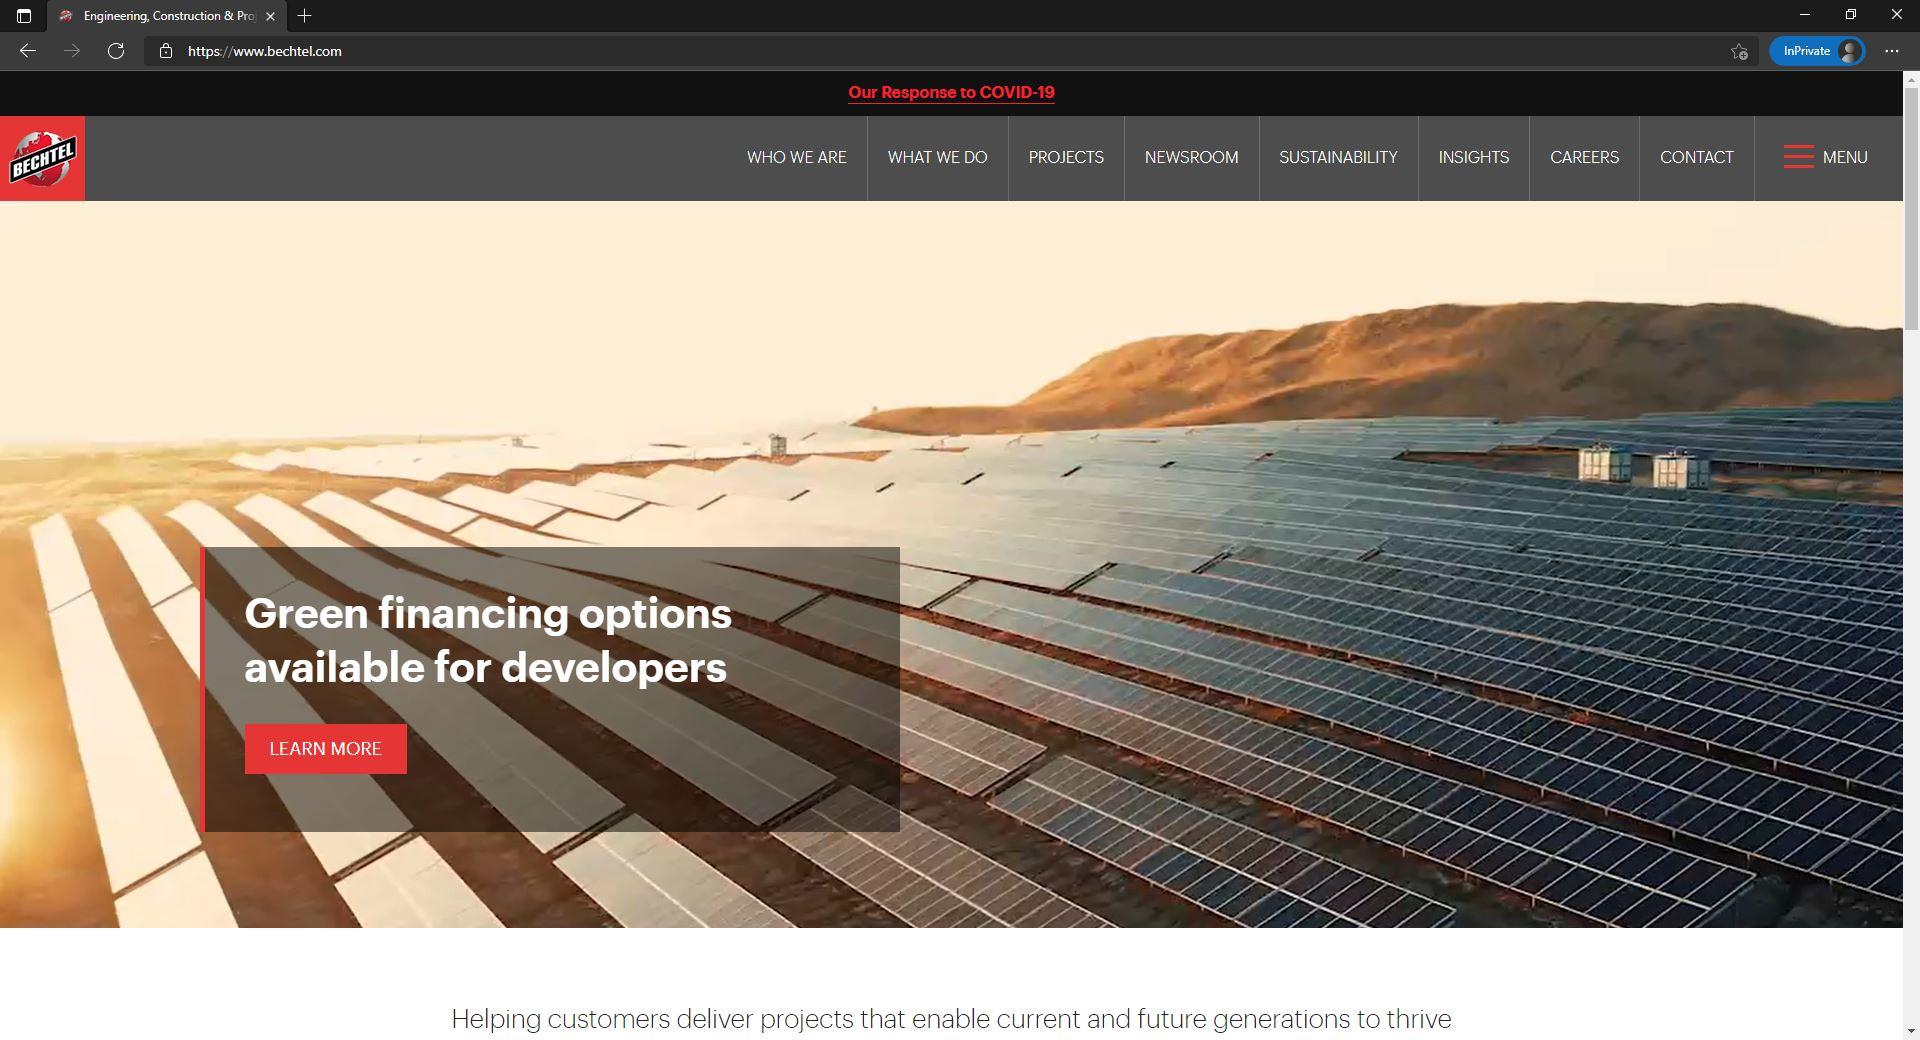 Bechtel website homepage